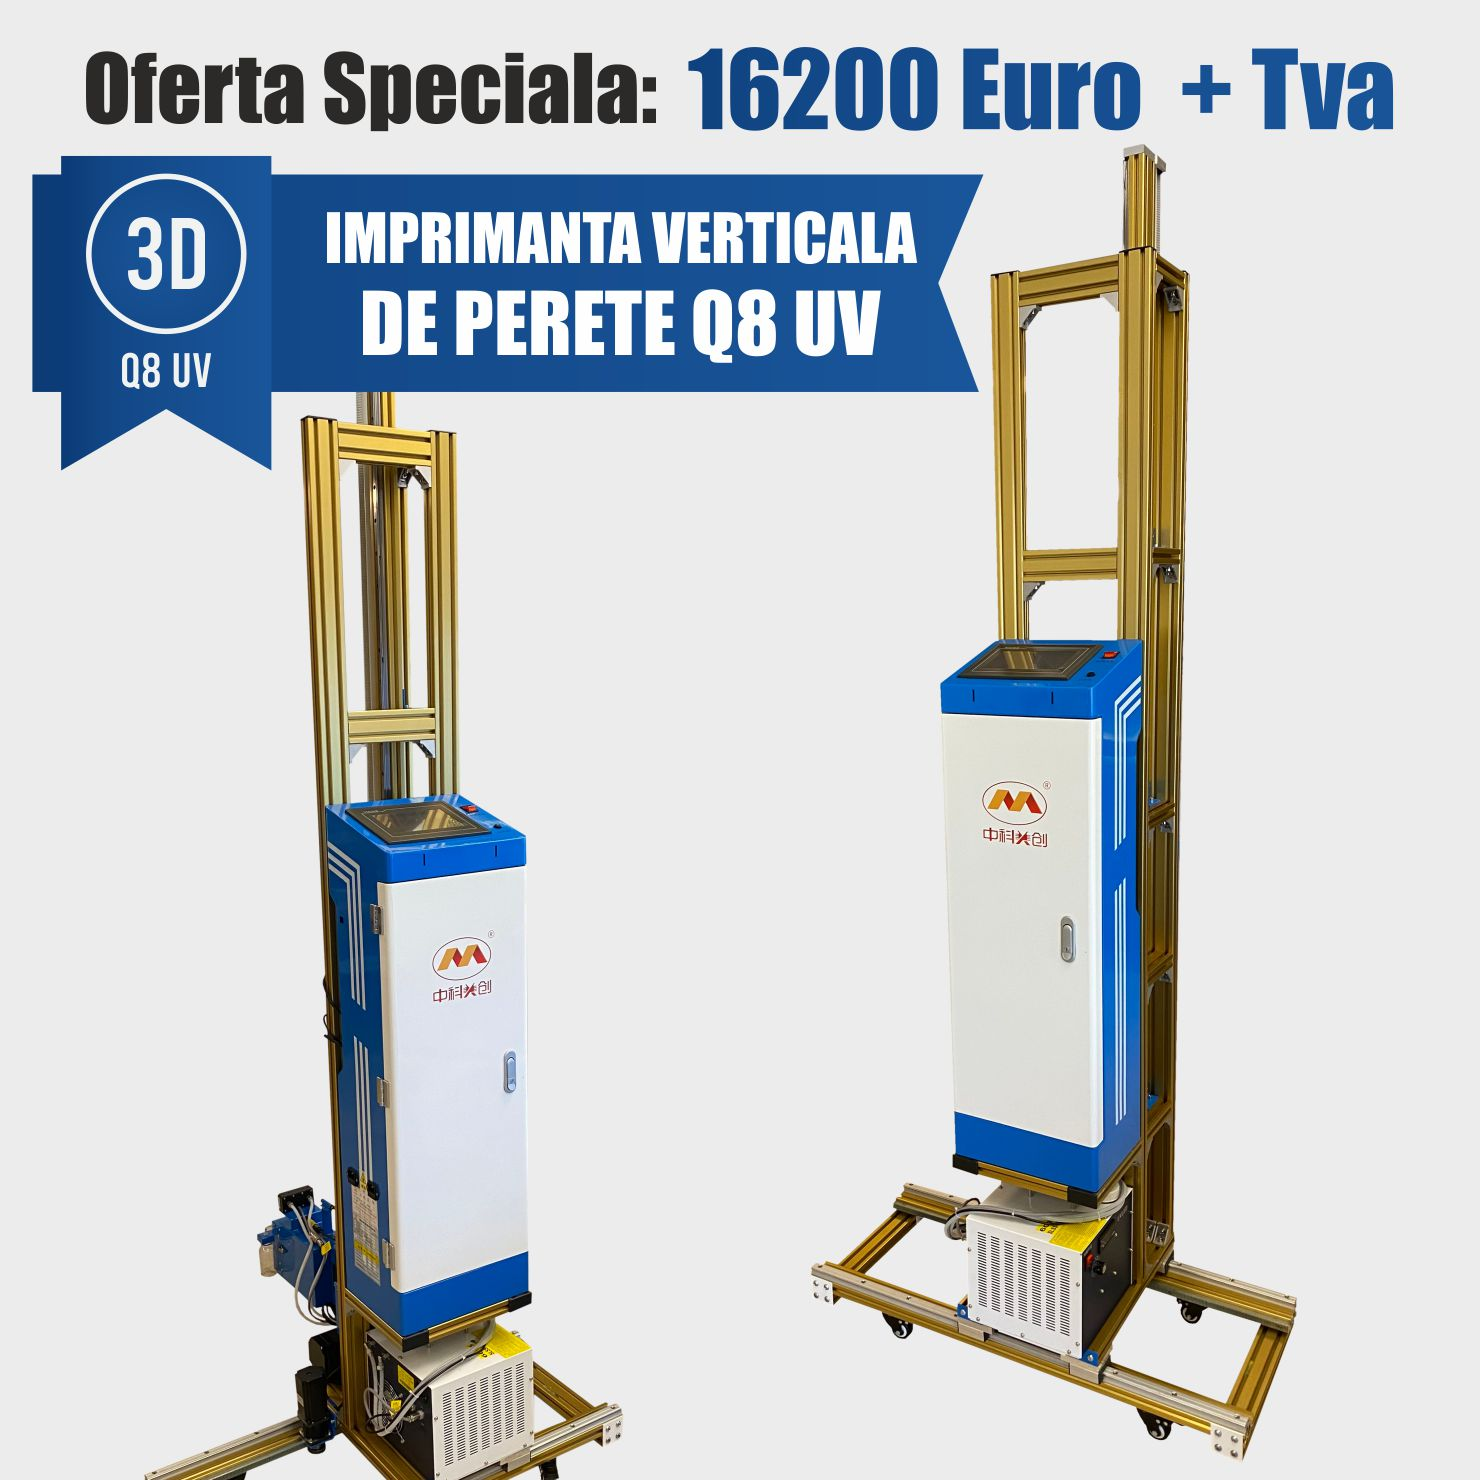 Imprimanta de perete 3d Q8 UV